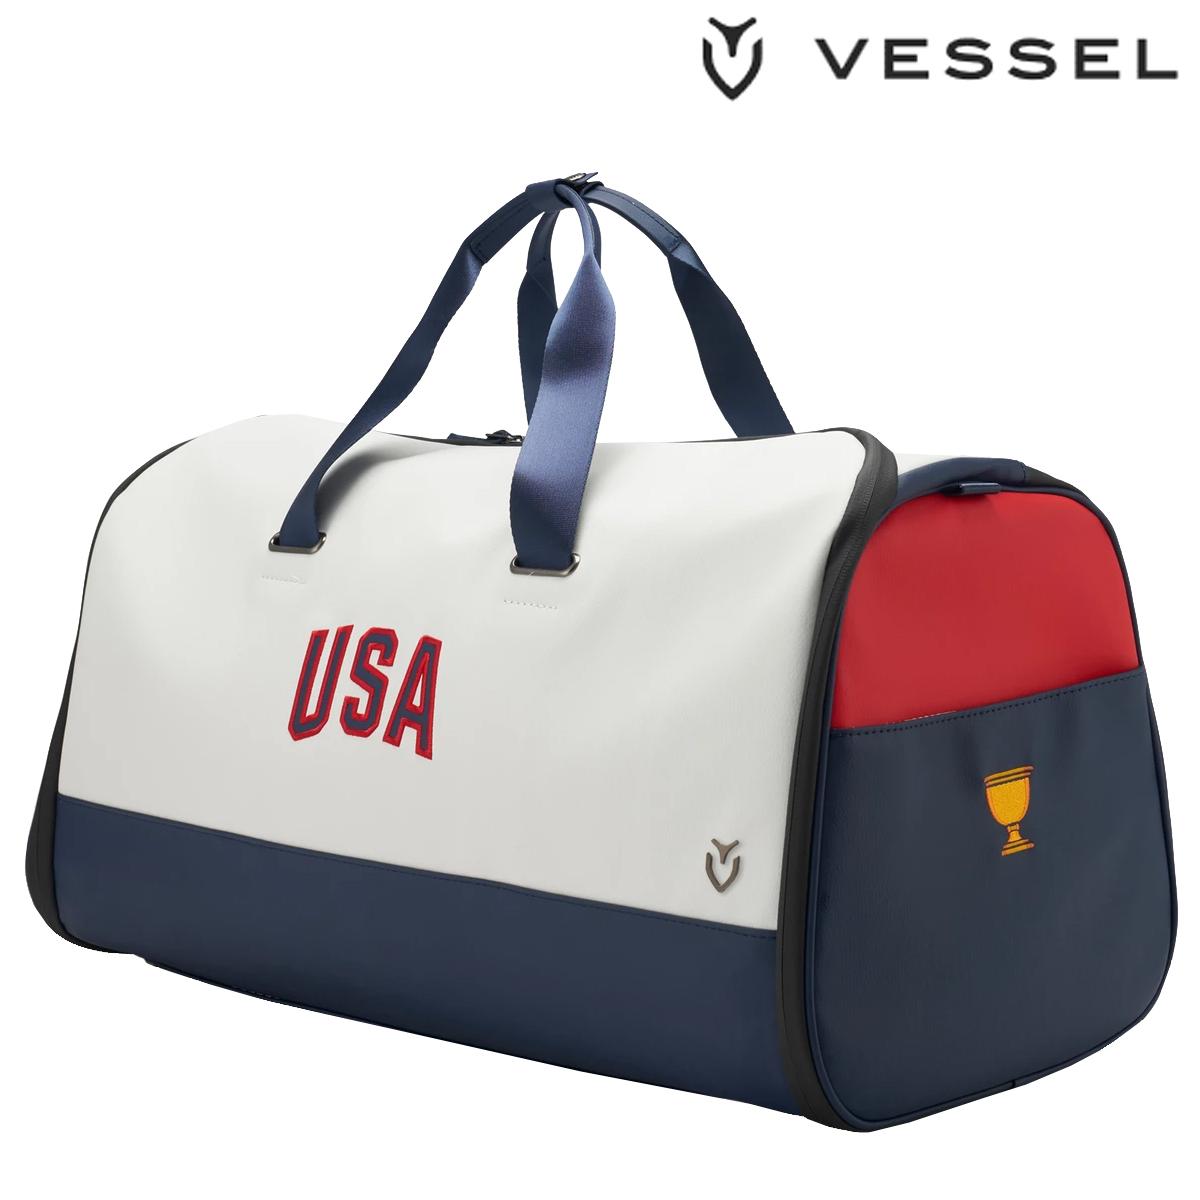 【限定品】VESSEL(ベゼル)日本正規品 Presidents Cup Garment Duffel(プレジデンツカップガーメント) ダッフルバッグ 【あす楽対応】